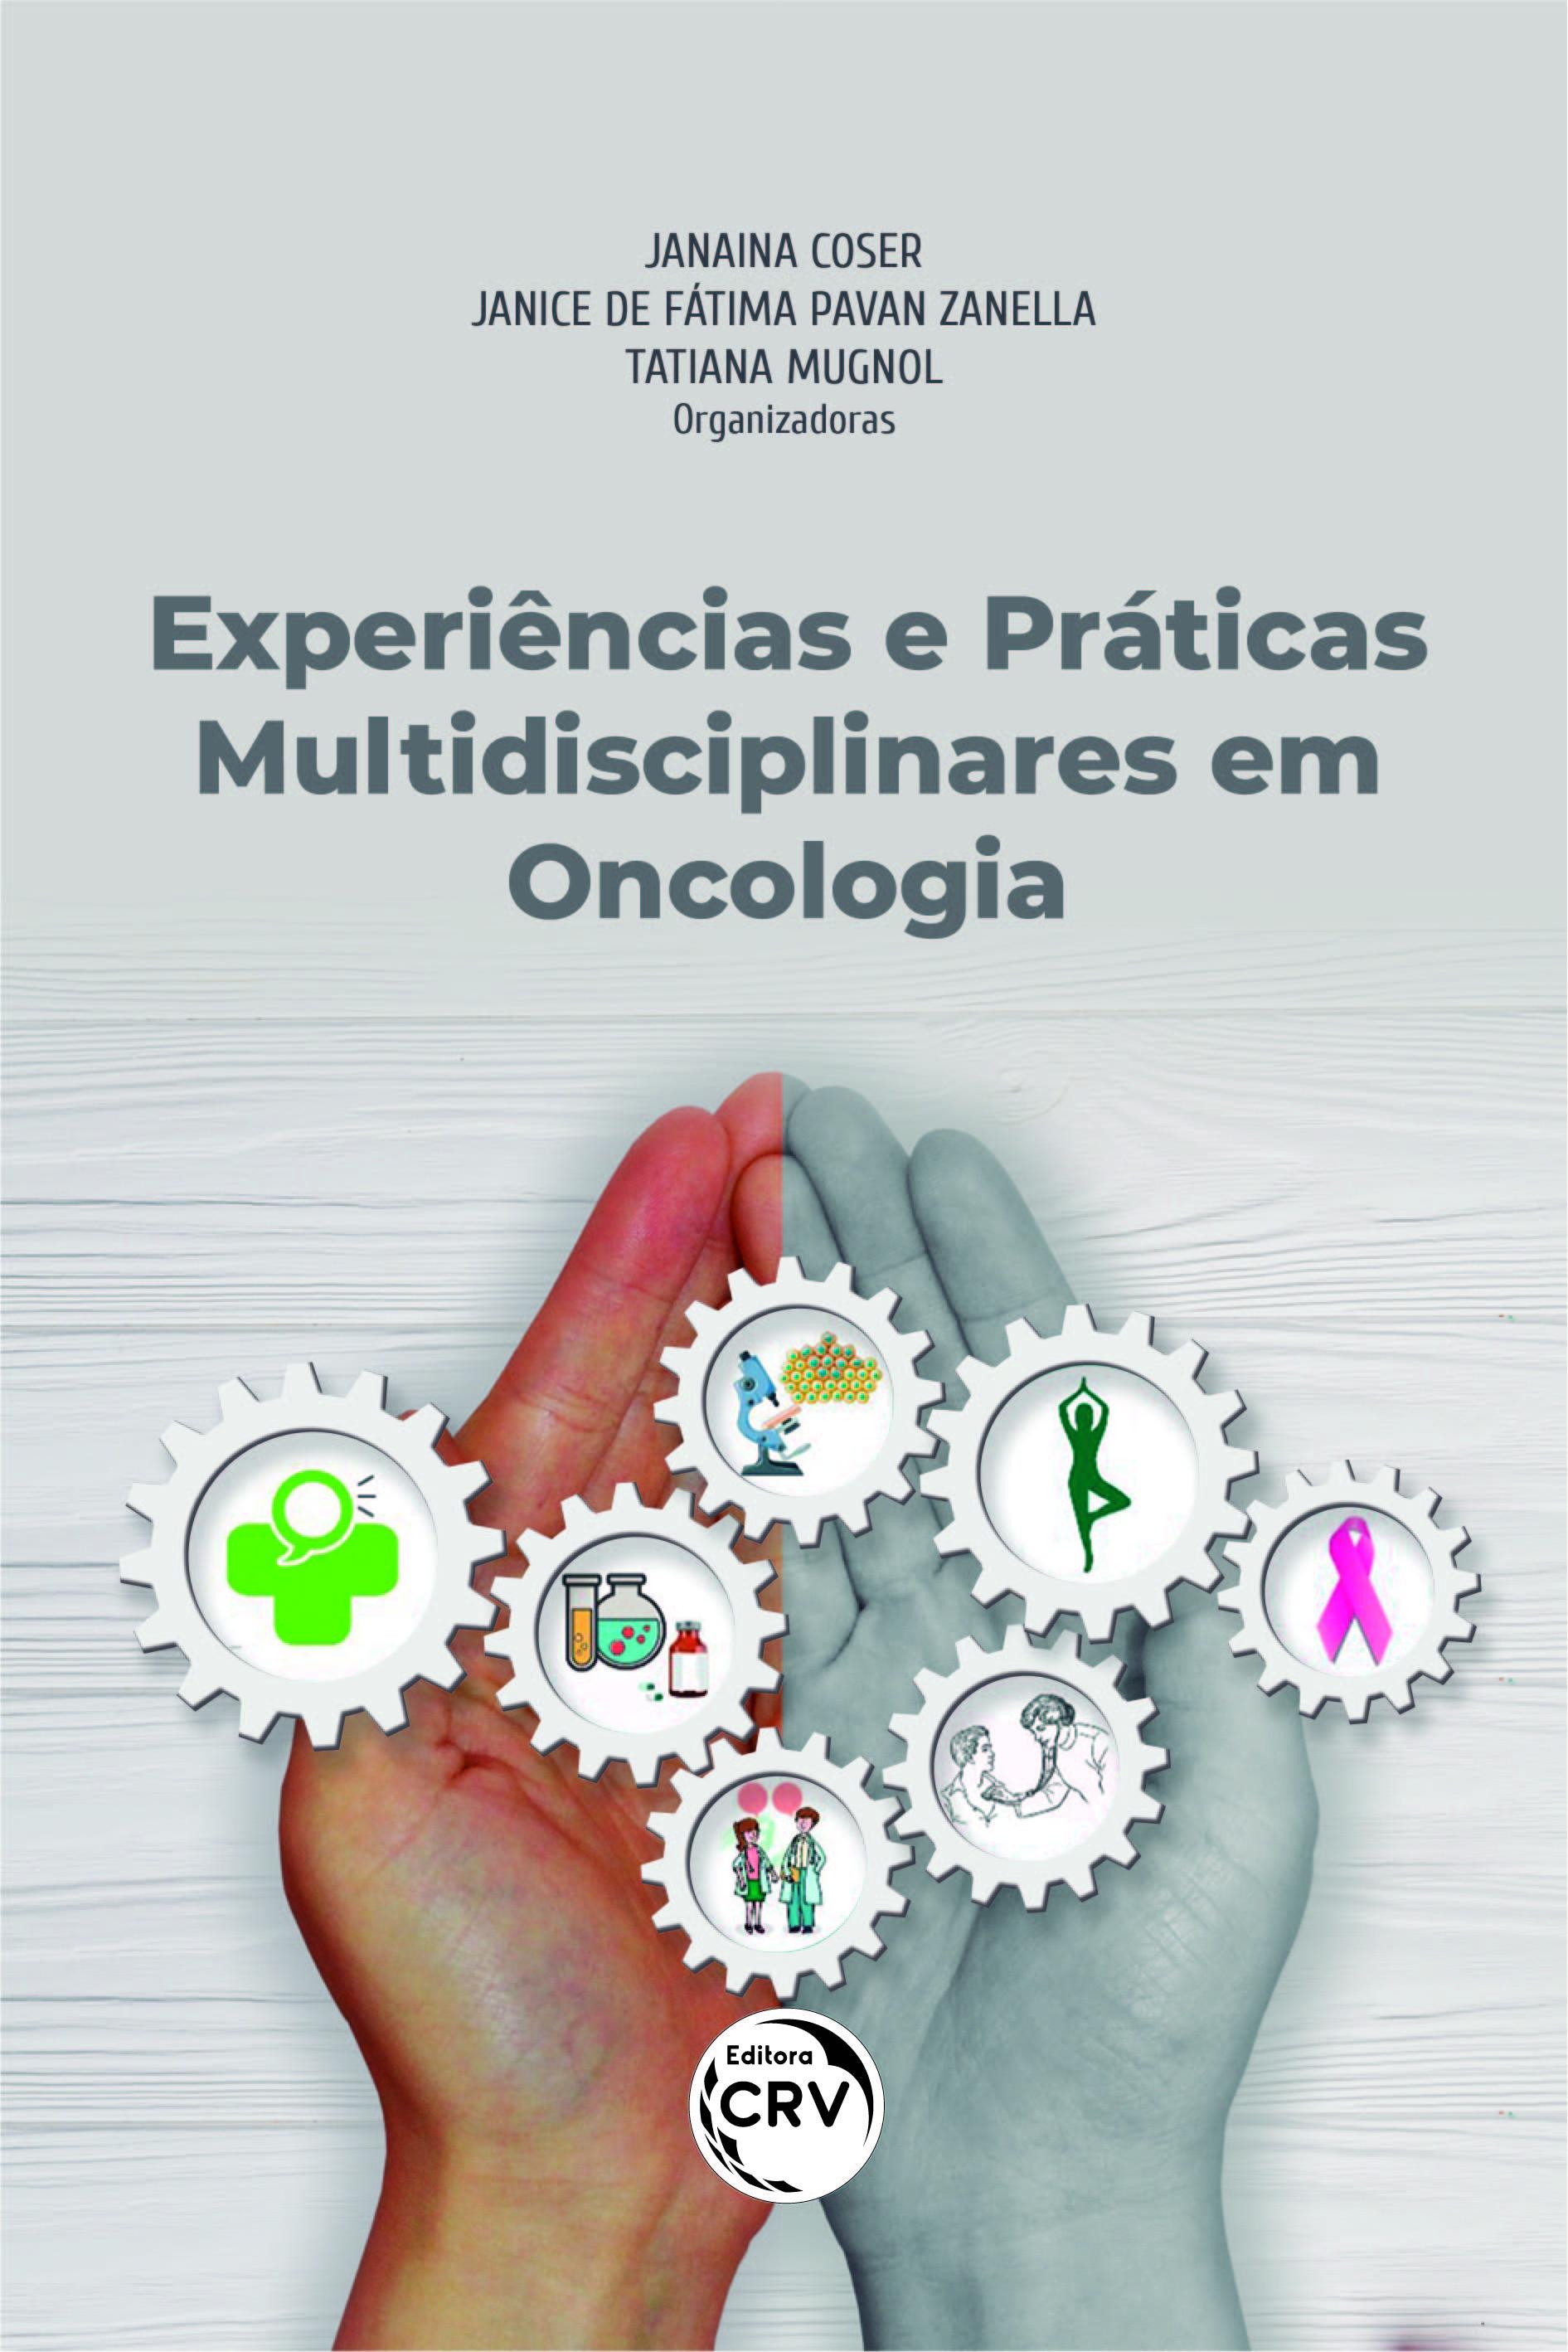 Capa do livro: EXPERIÊNCIAS E PRÁTICAS MULTIDISCIPLINARES EM ONCOLOGIA